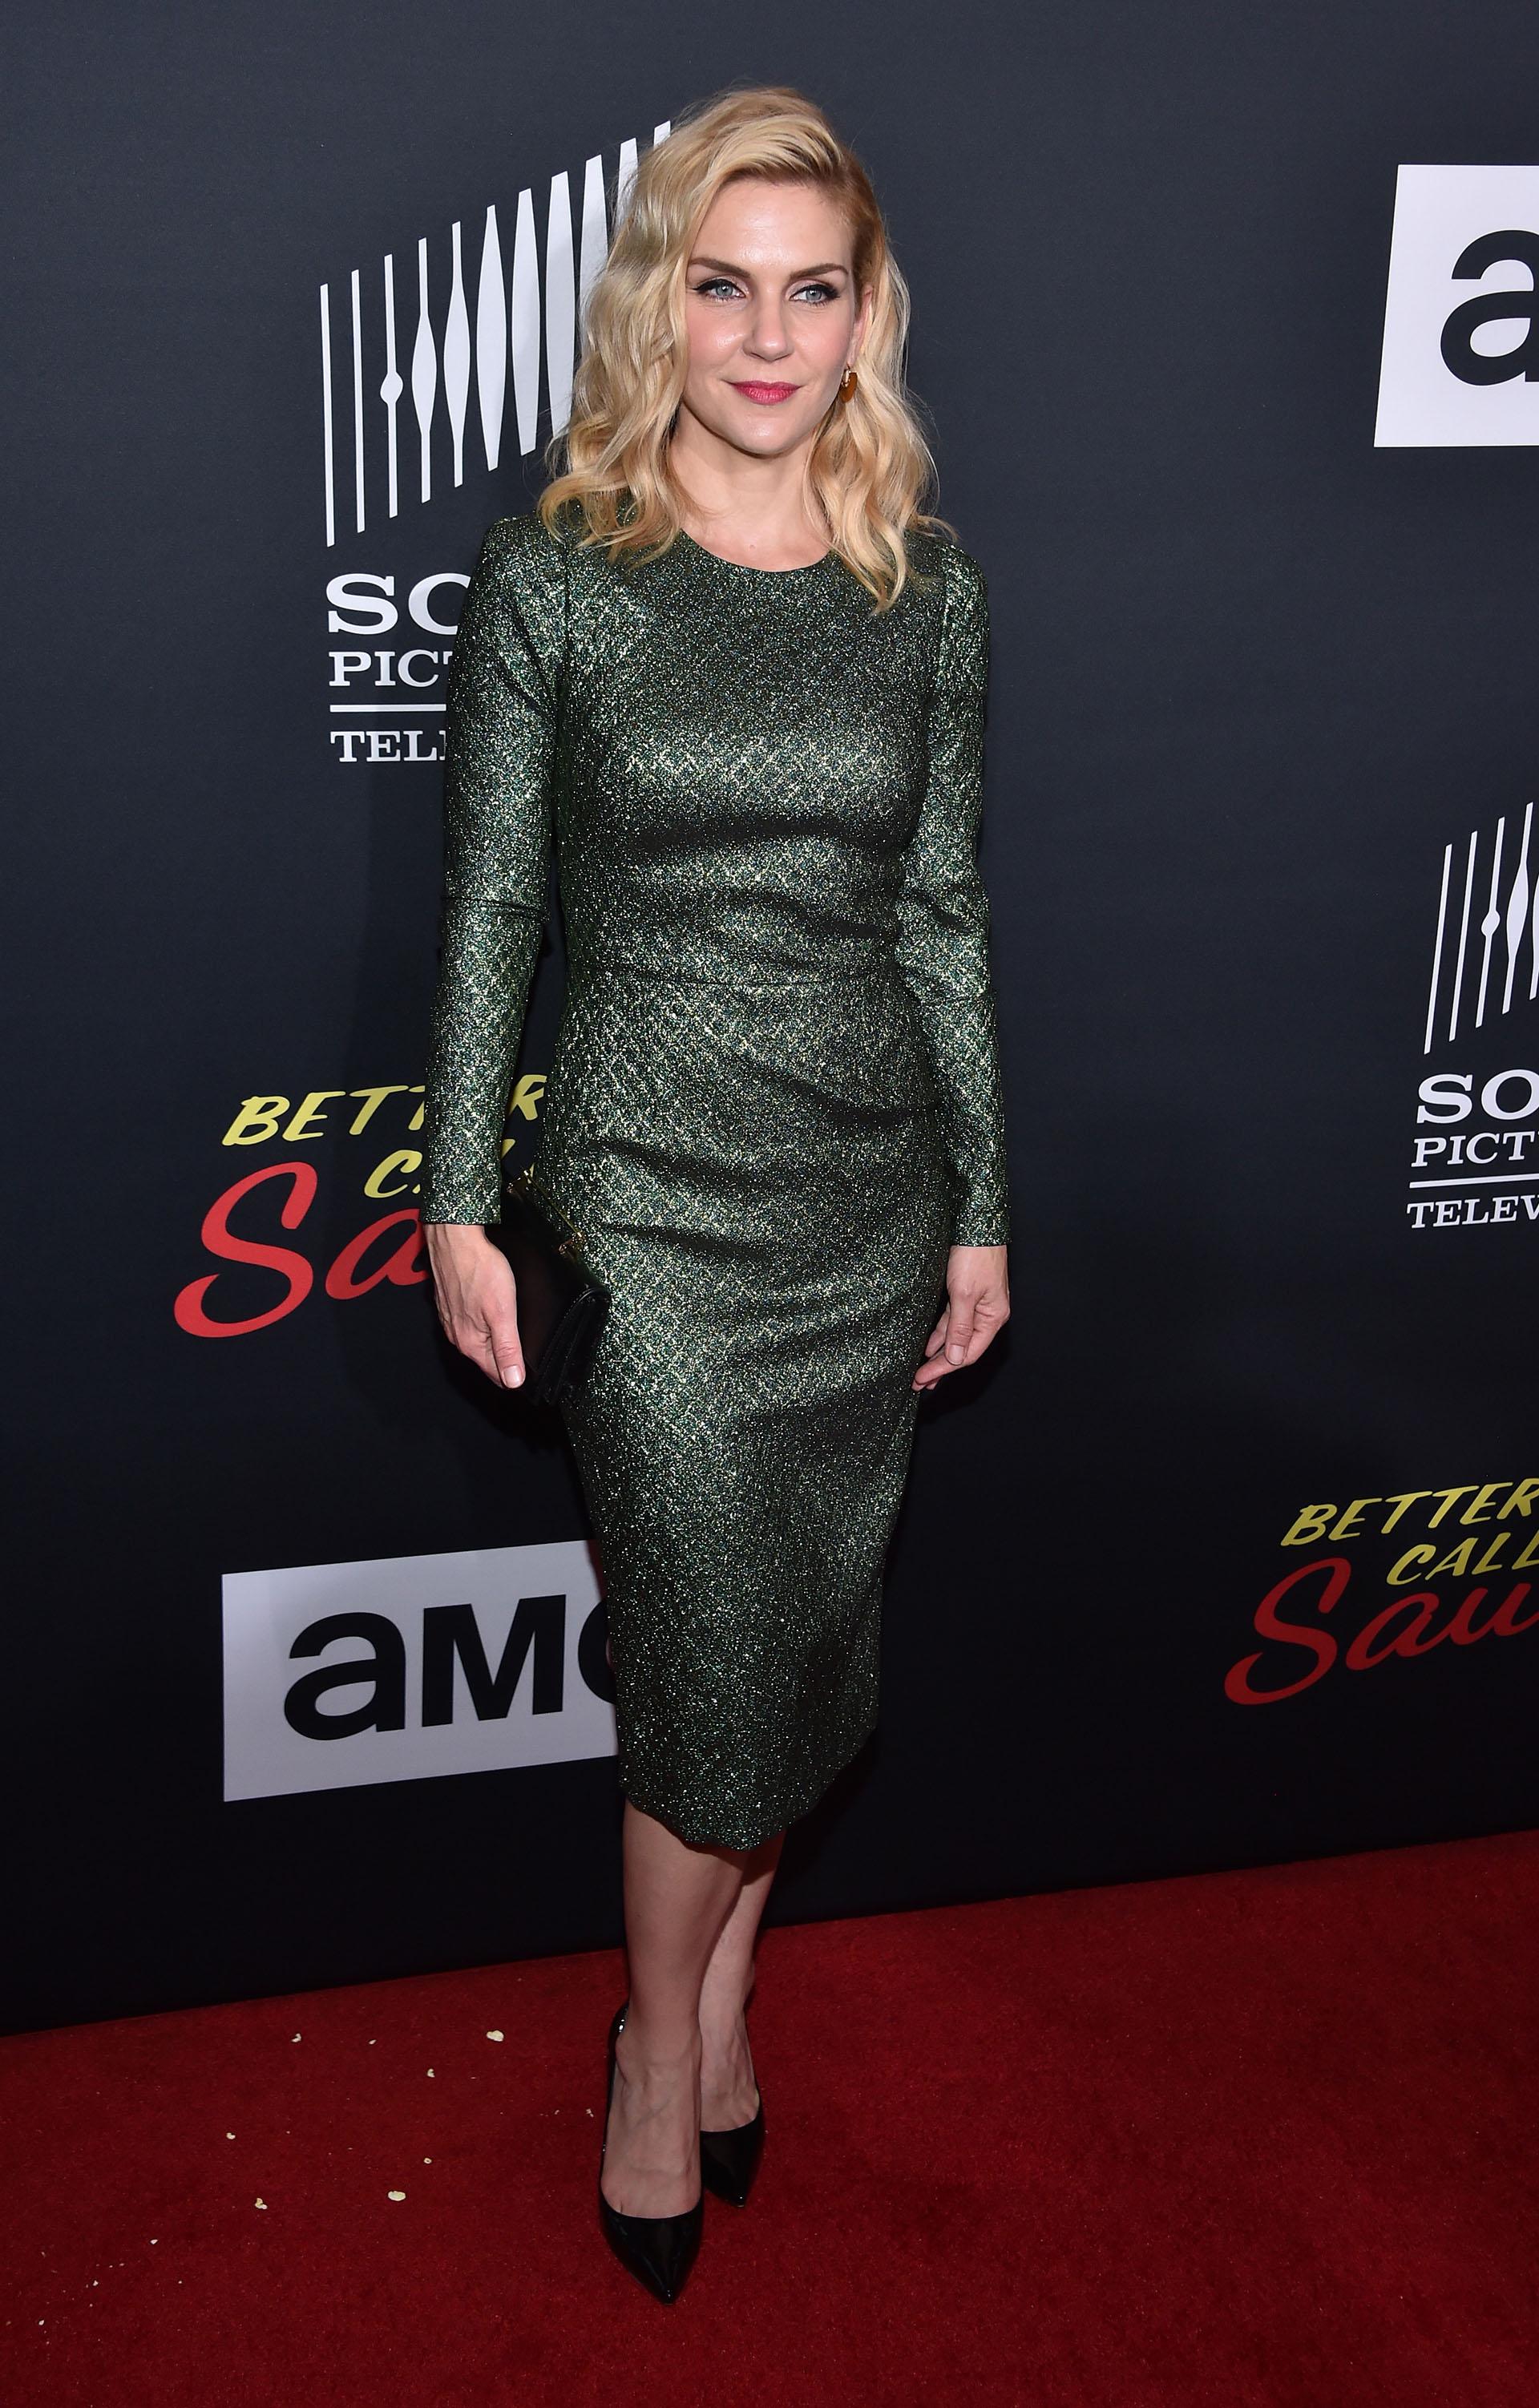 Elegante y formal, así llegó Rhea Seehorn a la red carpet de una nueva edición de Comic Con, en San Diego